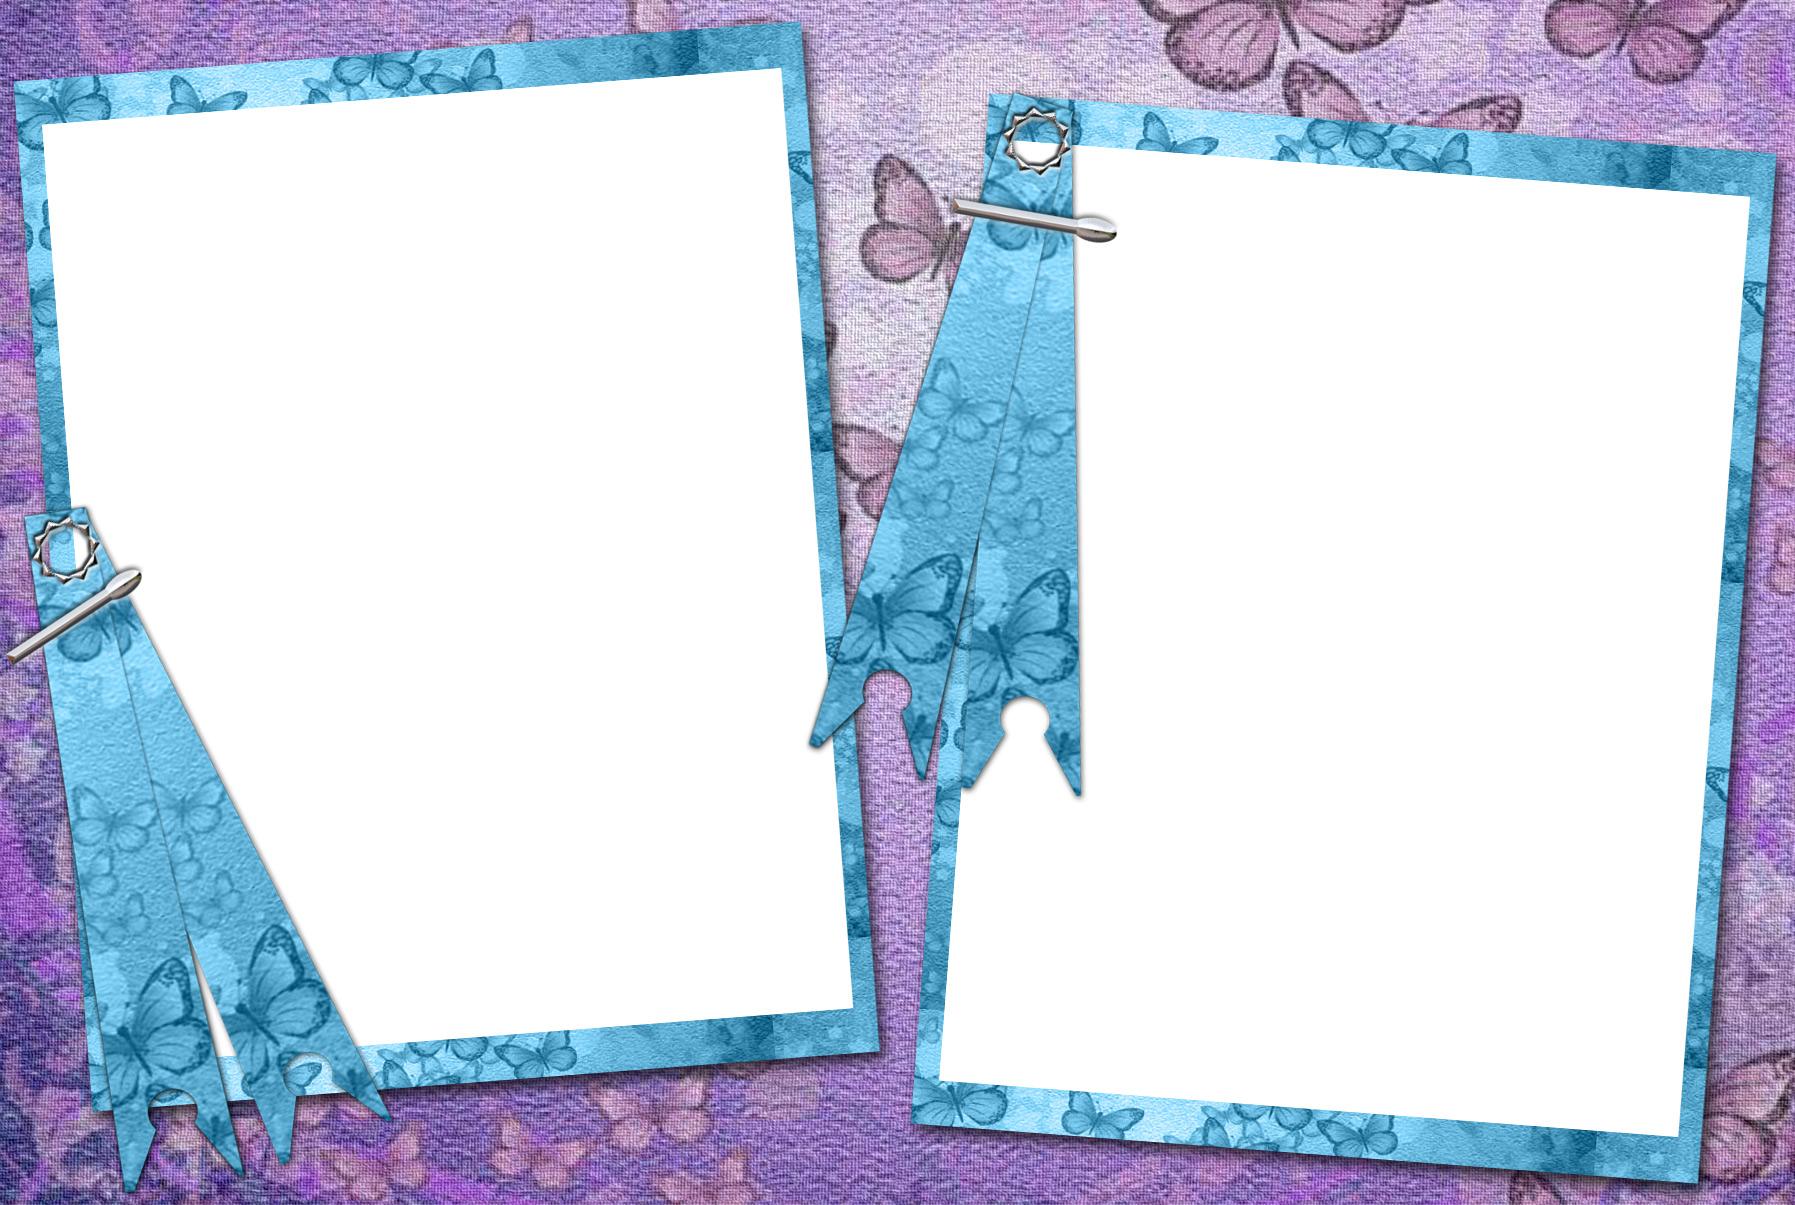 Как сделать картинками или рамки